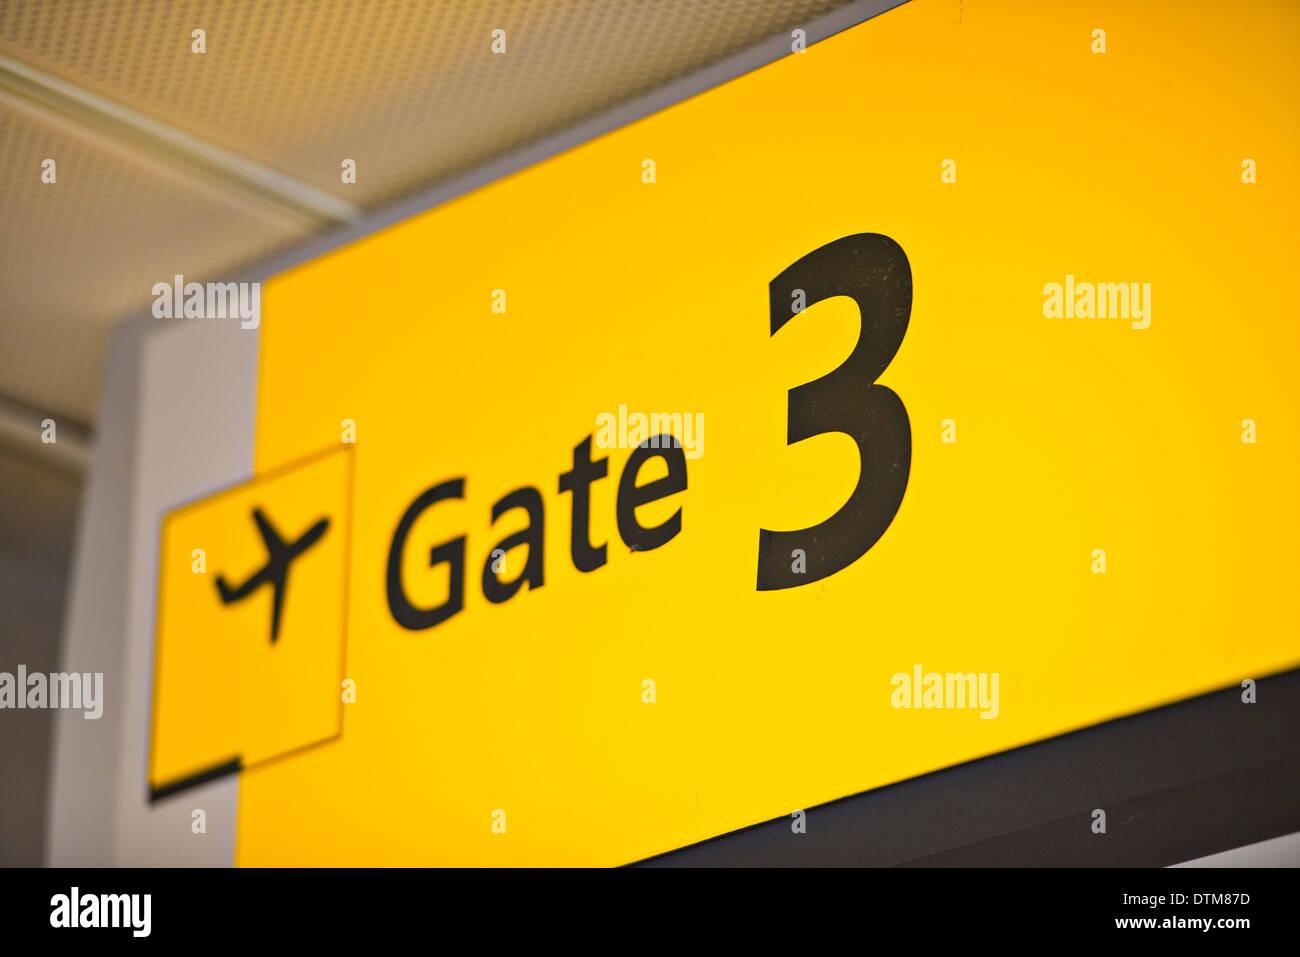 Gate 3 firmare in un aeroporto. Immagini Stock